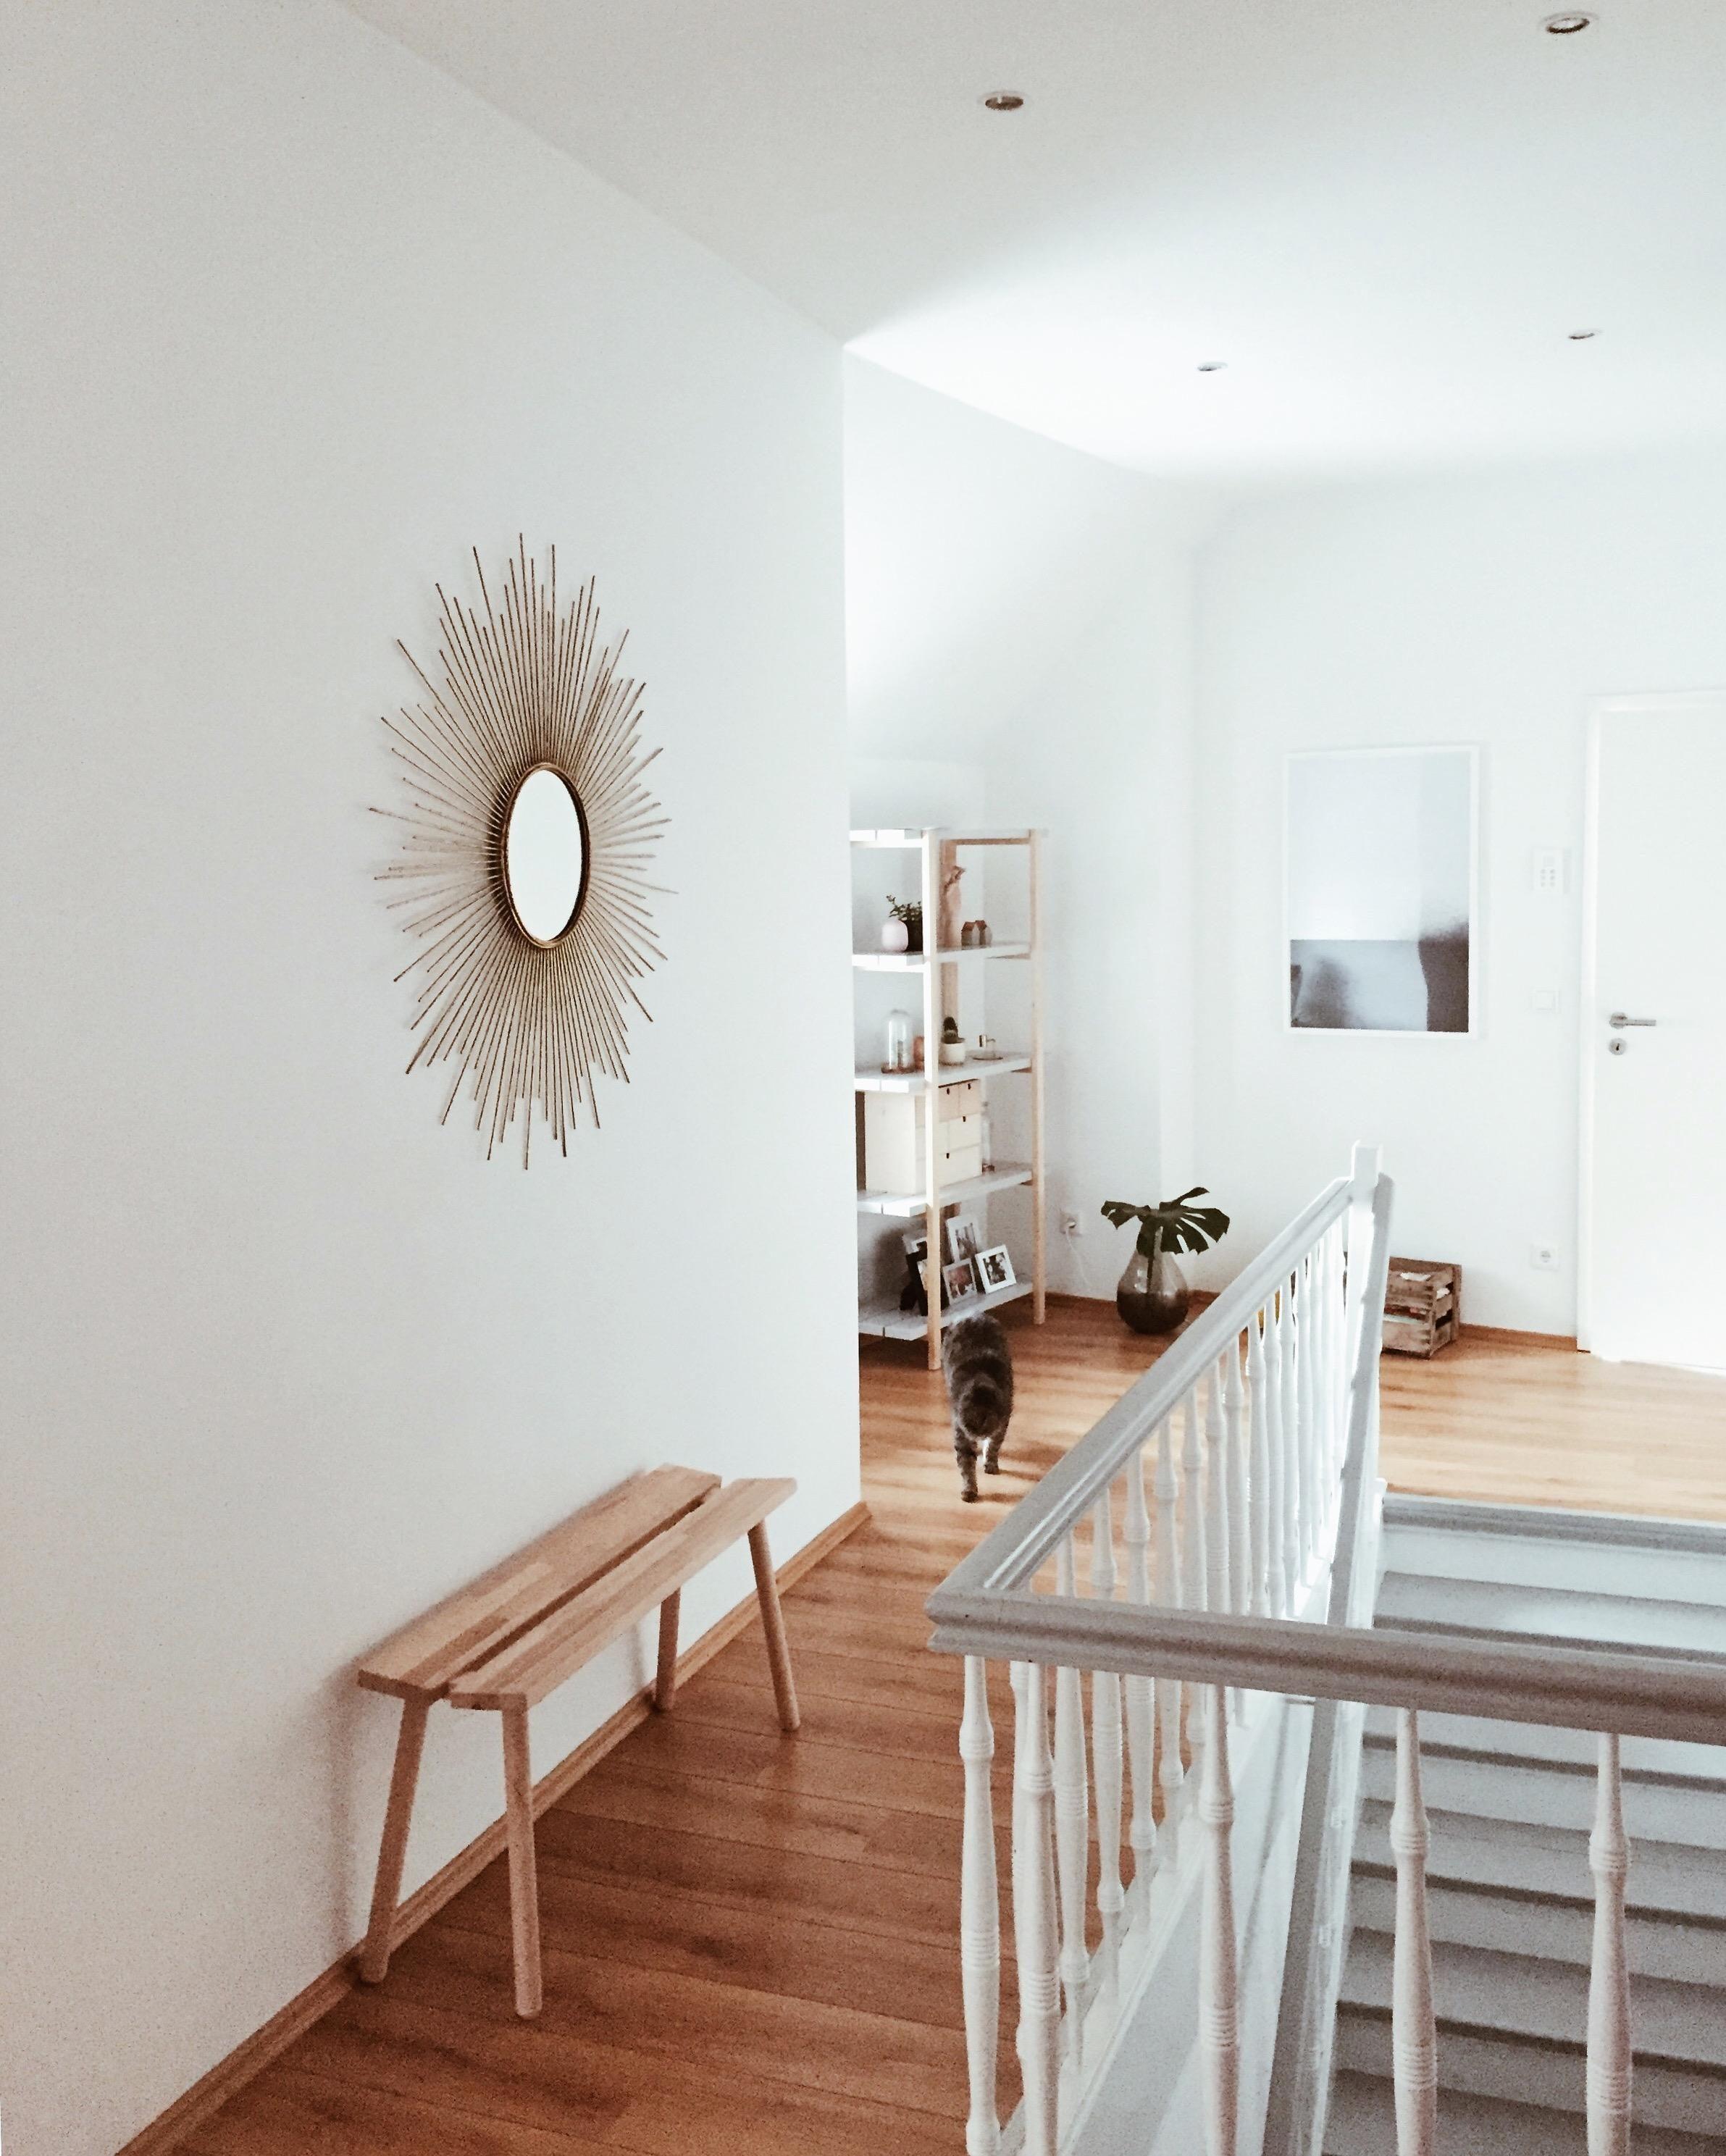 minimalismus bilder ideen couchstyle. Black Bedroom Furniture Sets. Home Design Ideas